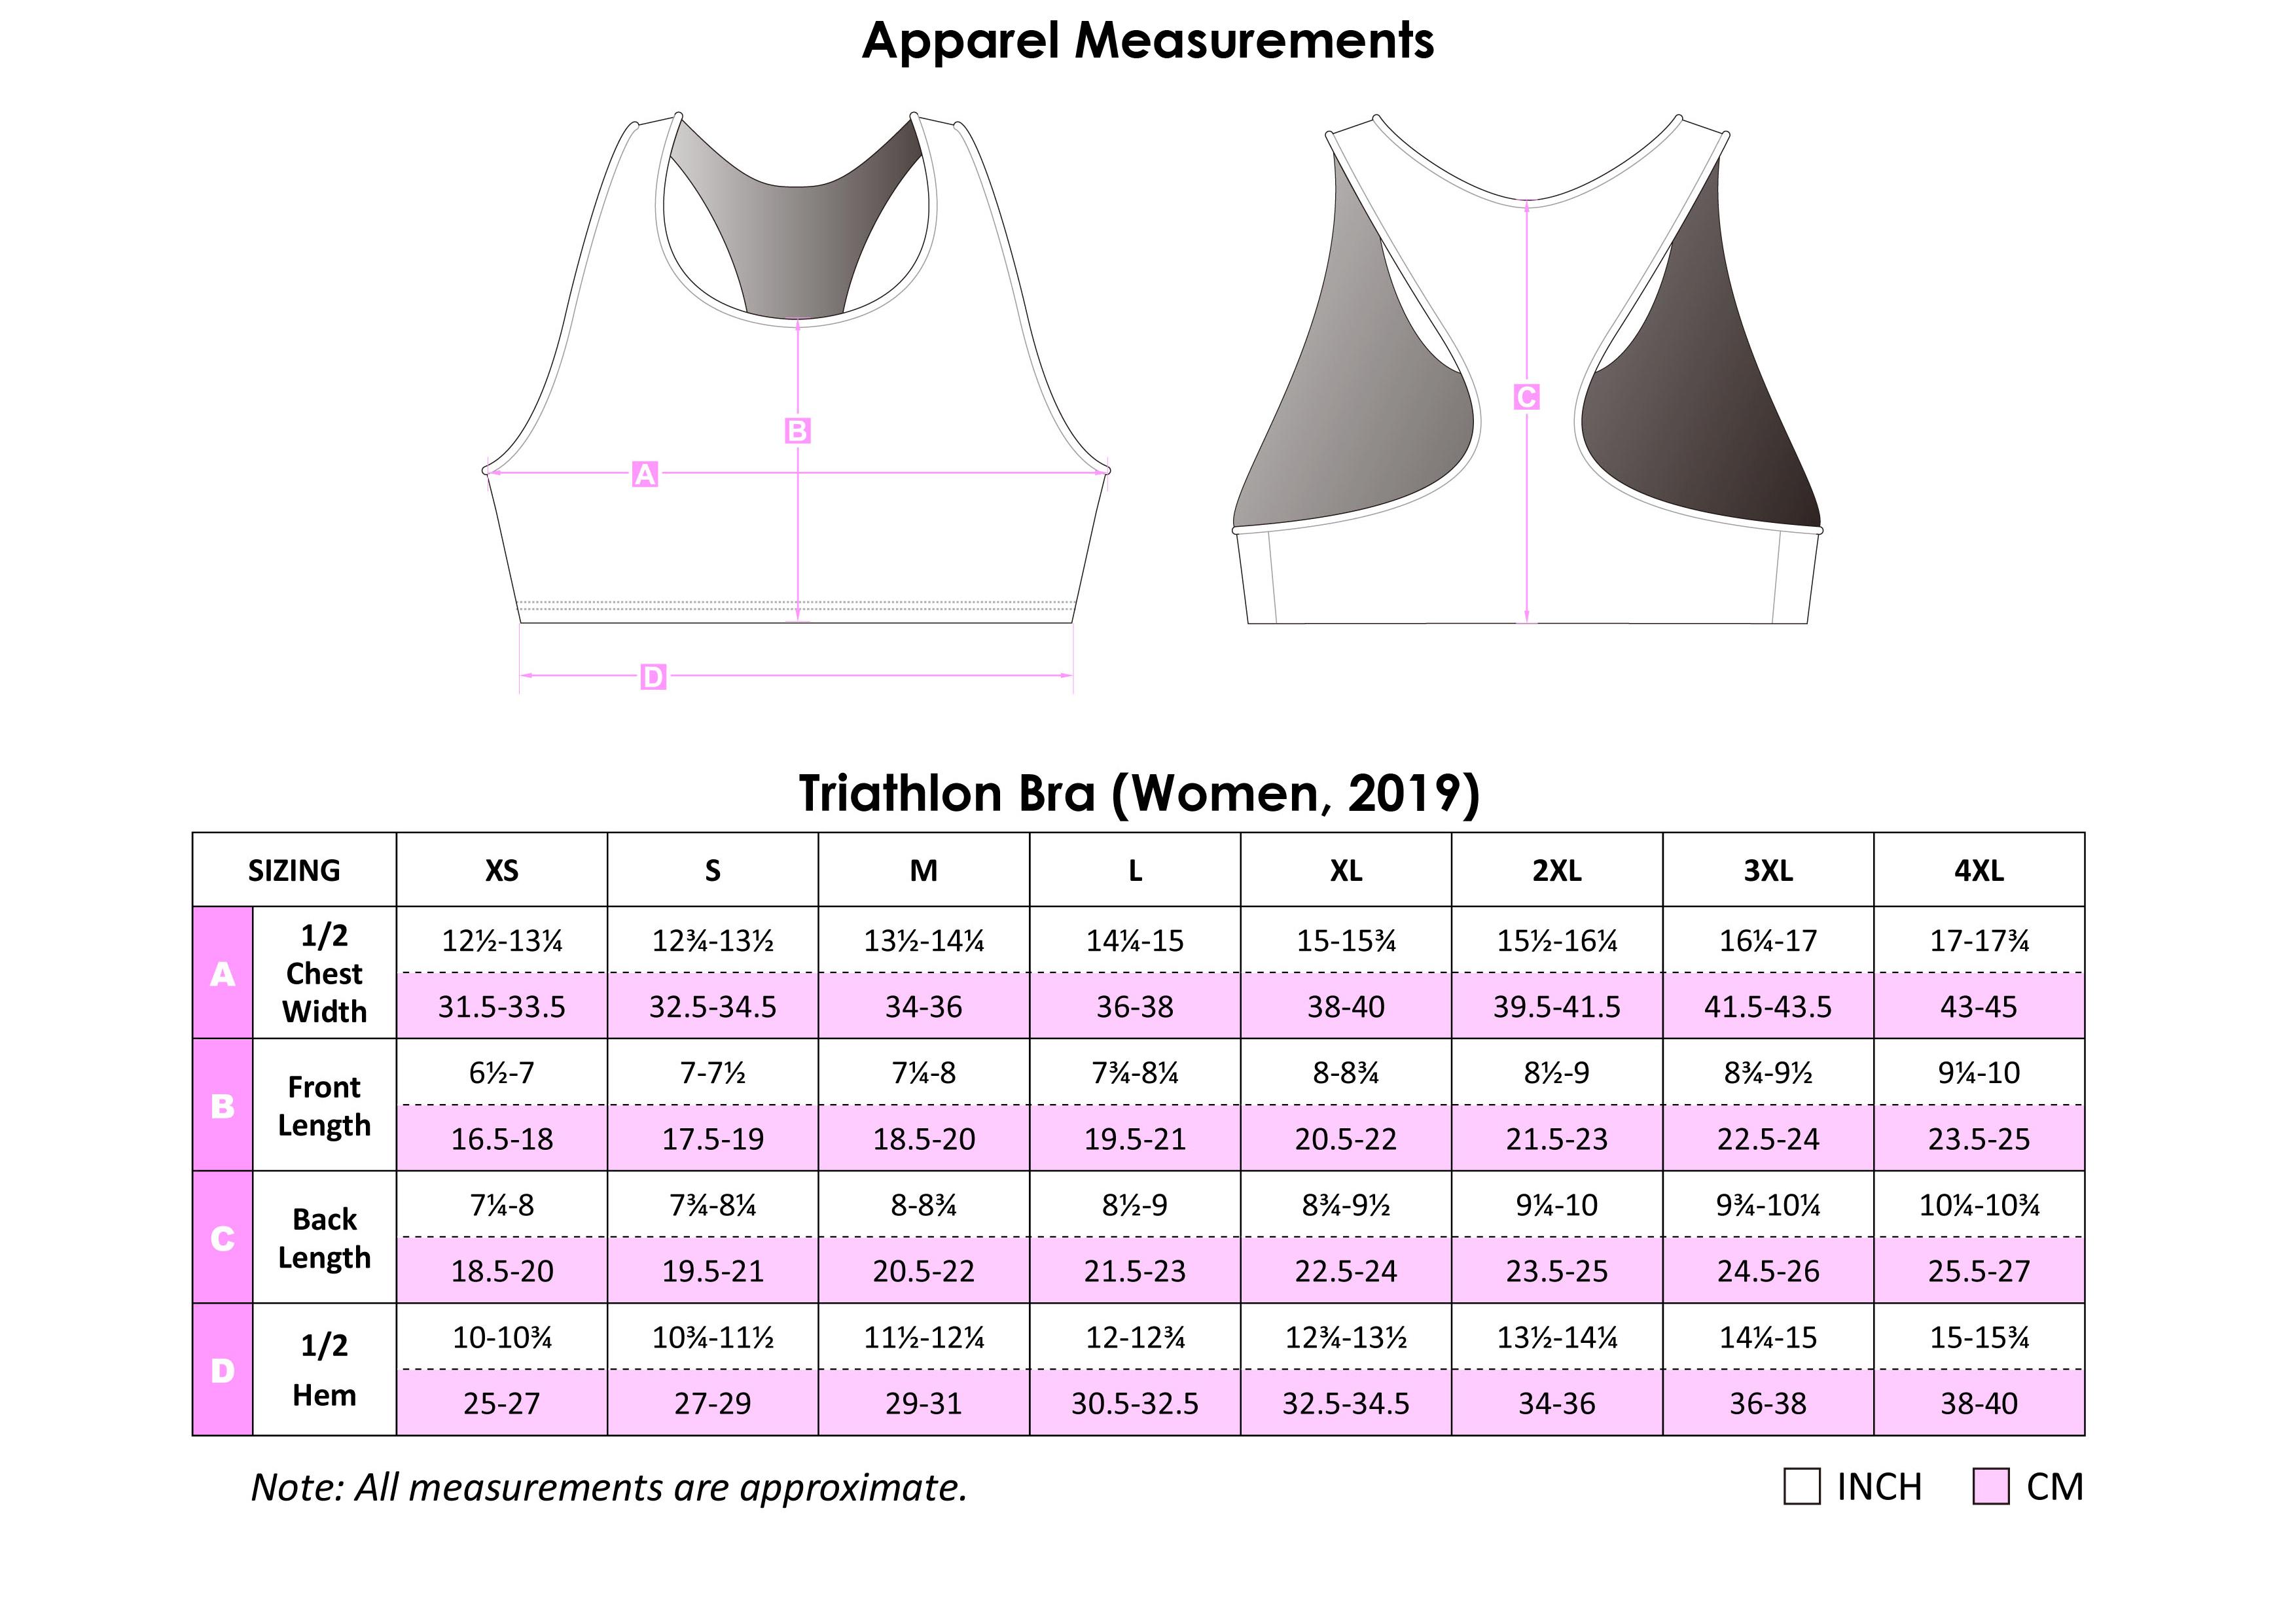 Tri Bra Apparel Size Chart